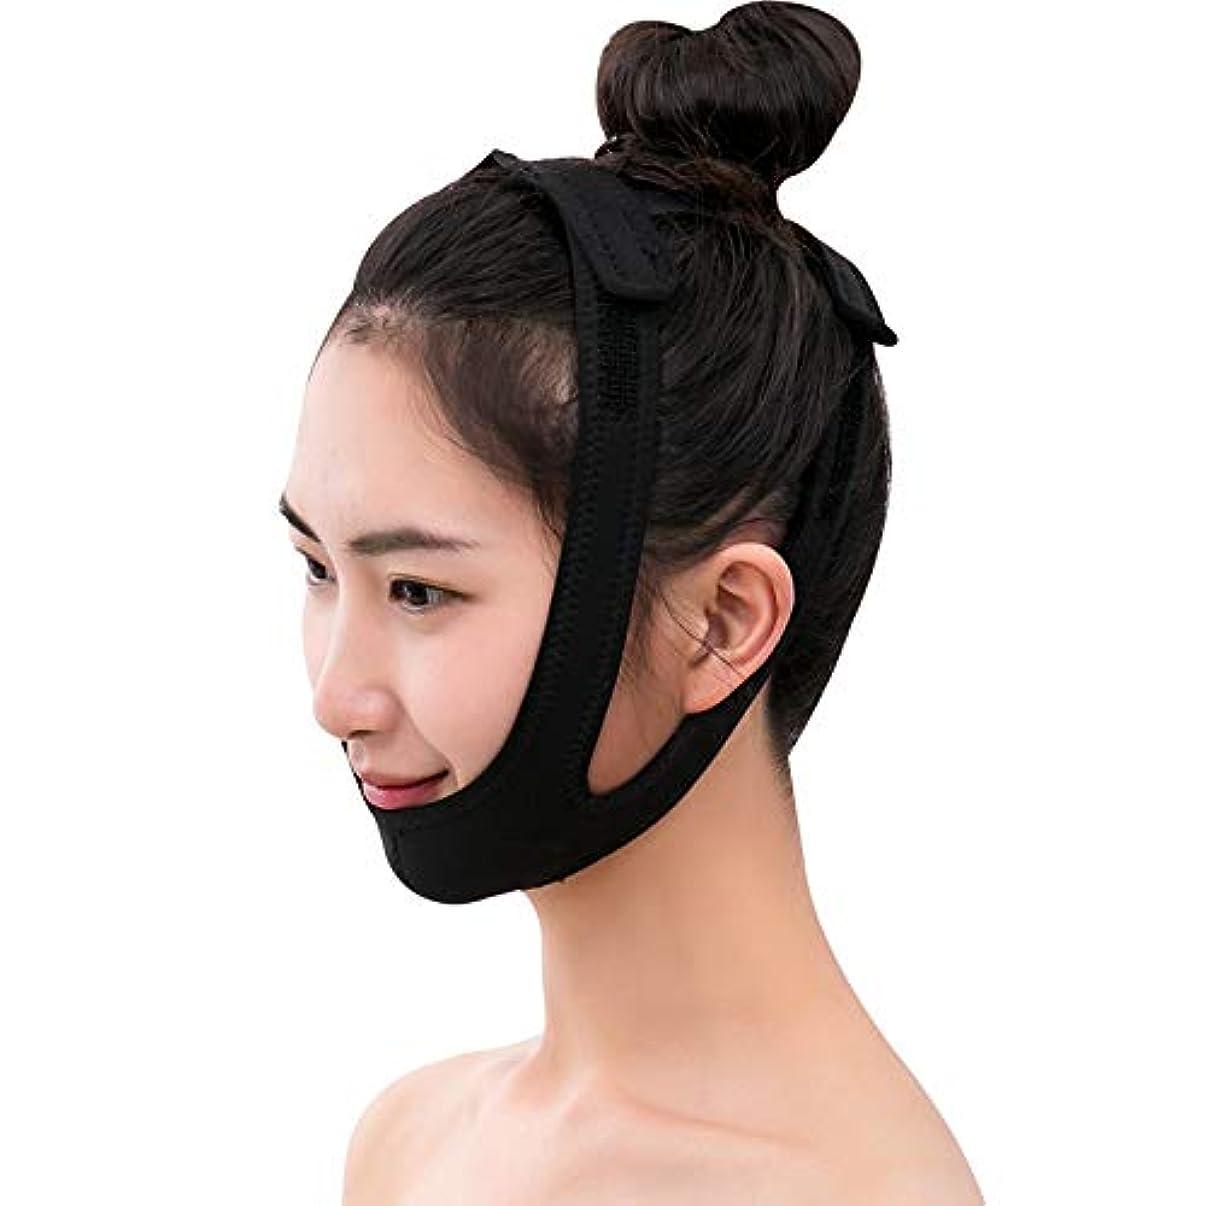 熟考するパーク移民GYZ フェイシャルリフティング痩身ベルト圧縮二重あご減量ベルトスキンケア薄い顔包帯二重あごワークアウト Thin Face Belt